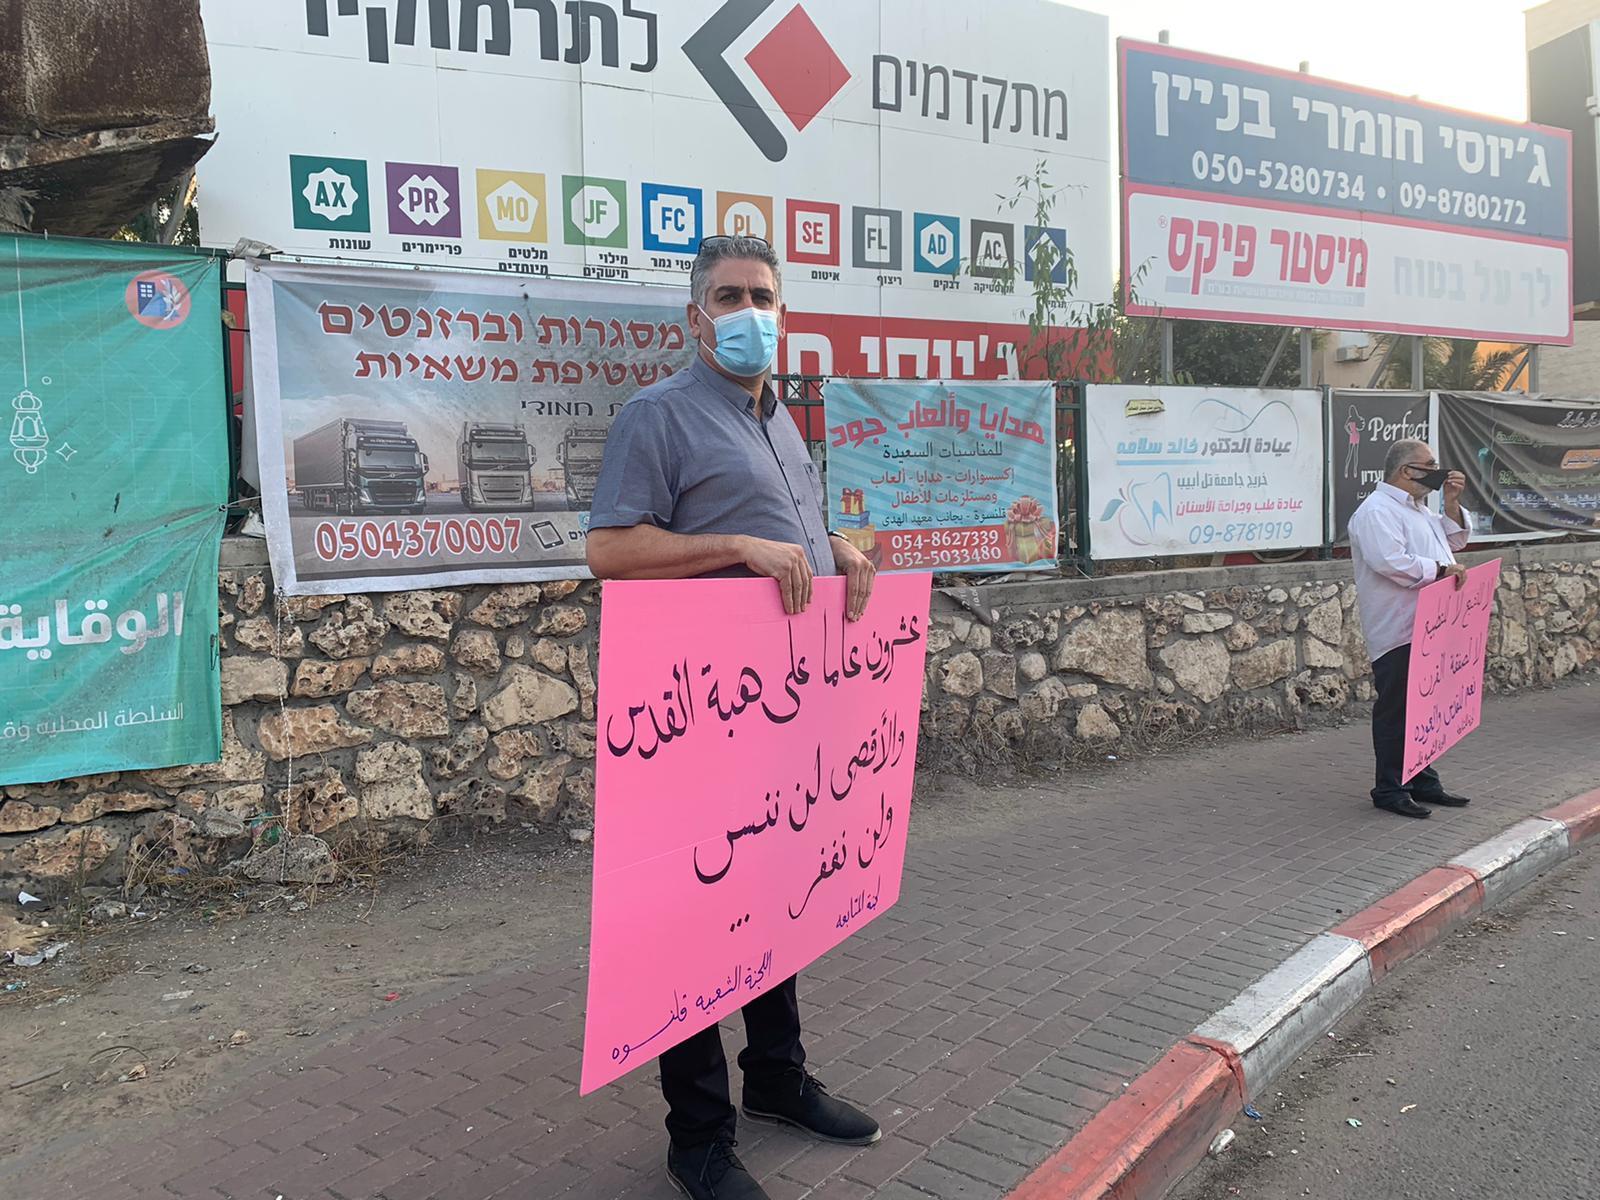 وقفات لإحياء ذكرى هبّة القدس والأقصىفي بلدات عربيّة